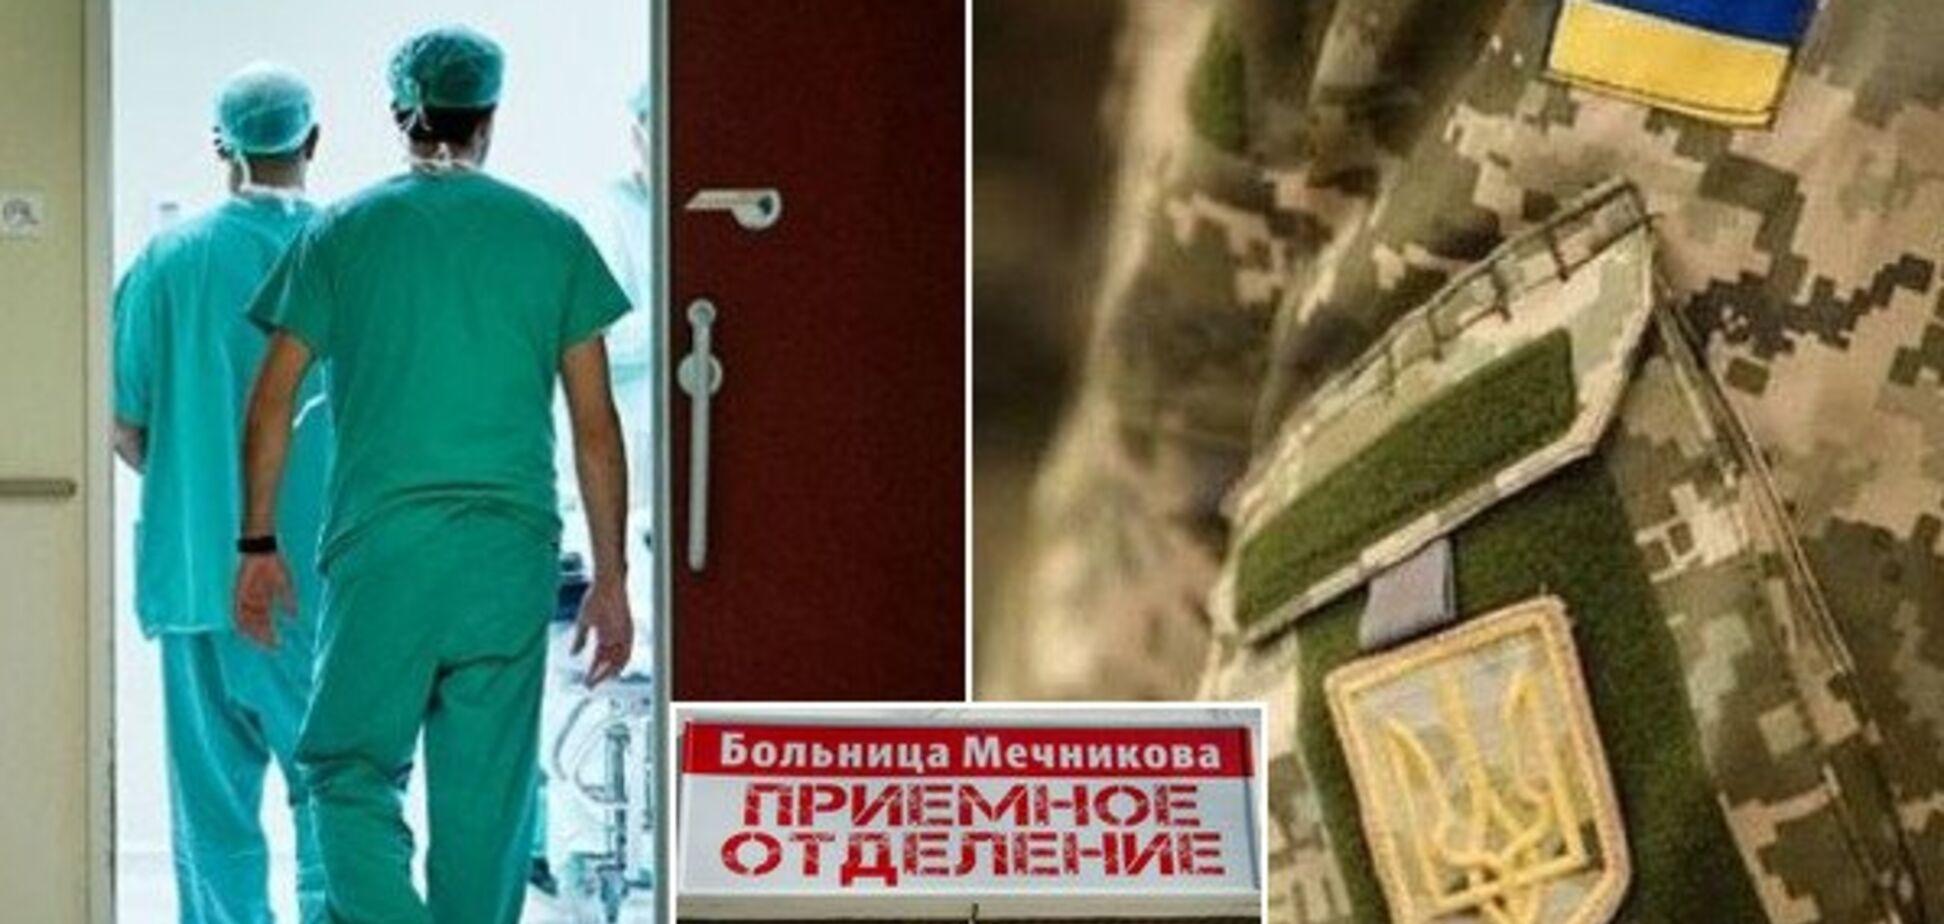 Триває боротьба за життя: у Дніпрі рятують важко пораненого воїна ЗСУ